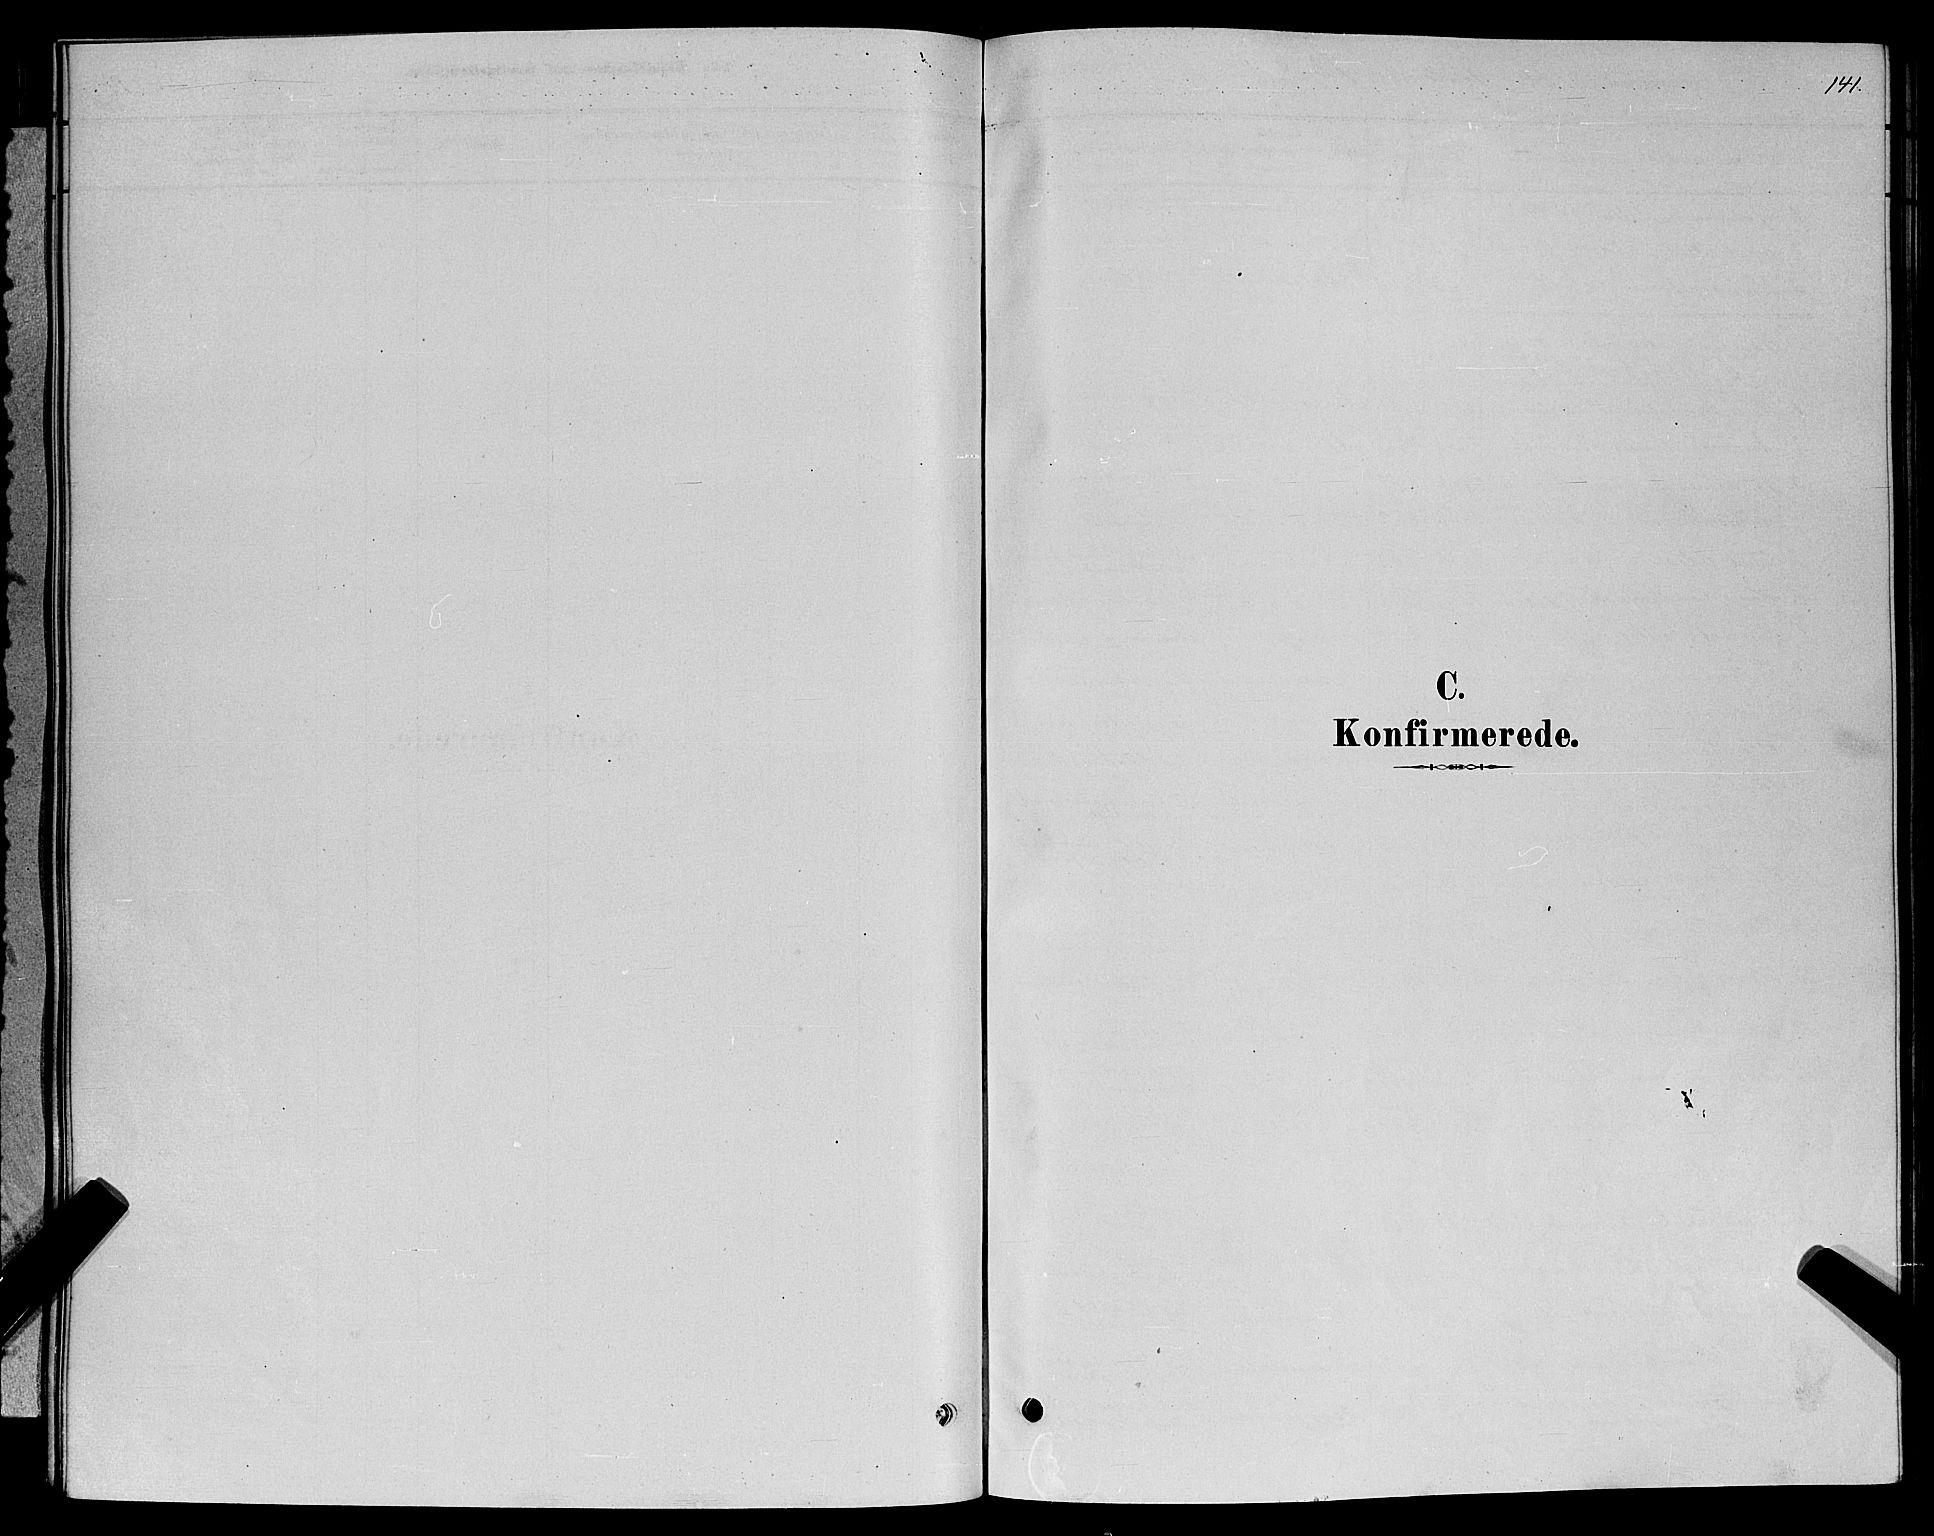 SAT, Ministerialprotokoller, klokkerbøker og fødselsregistre - Møre og Romsdal, 529/L0466: Klokkerbok nr. 529C03, 1878-1888, s. 141